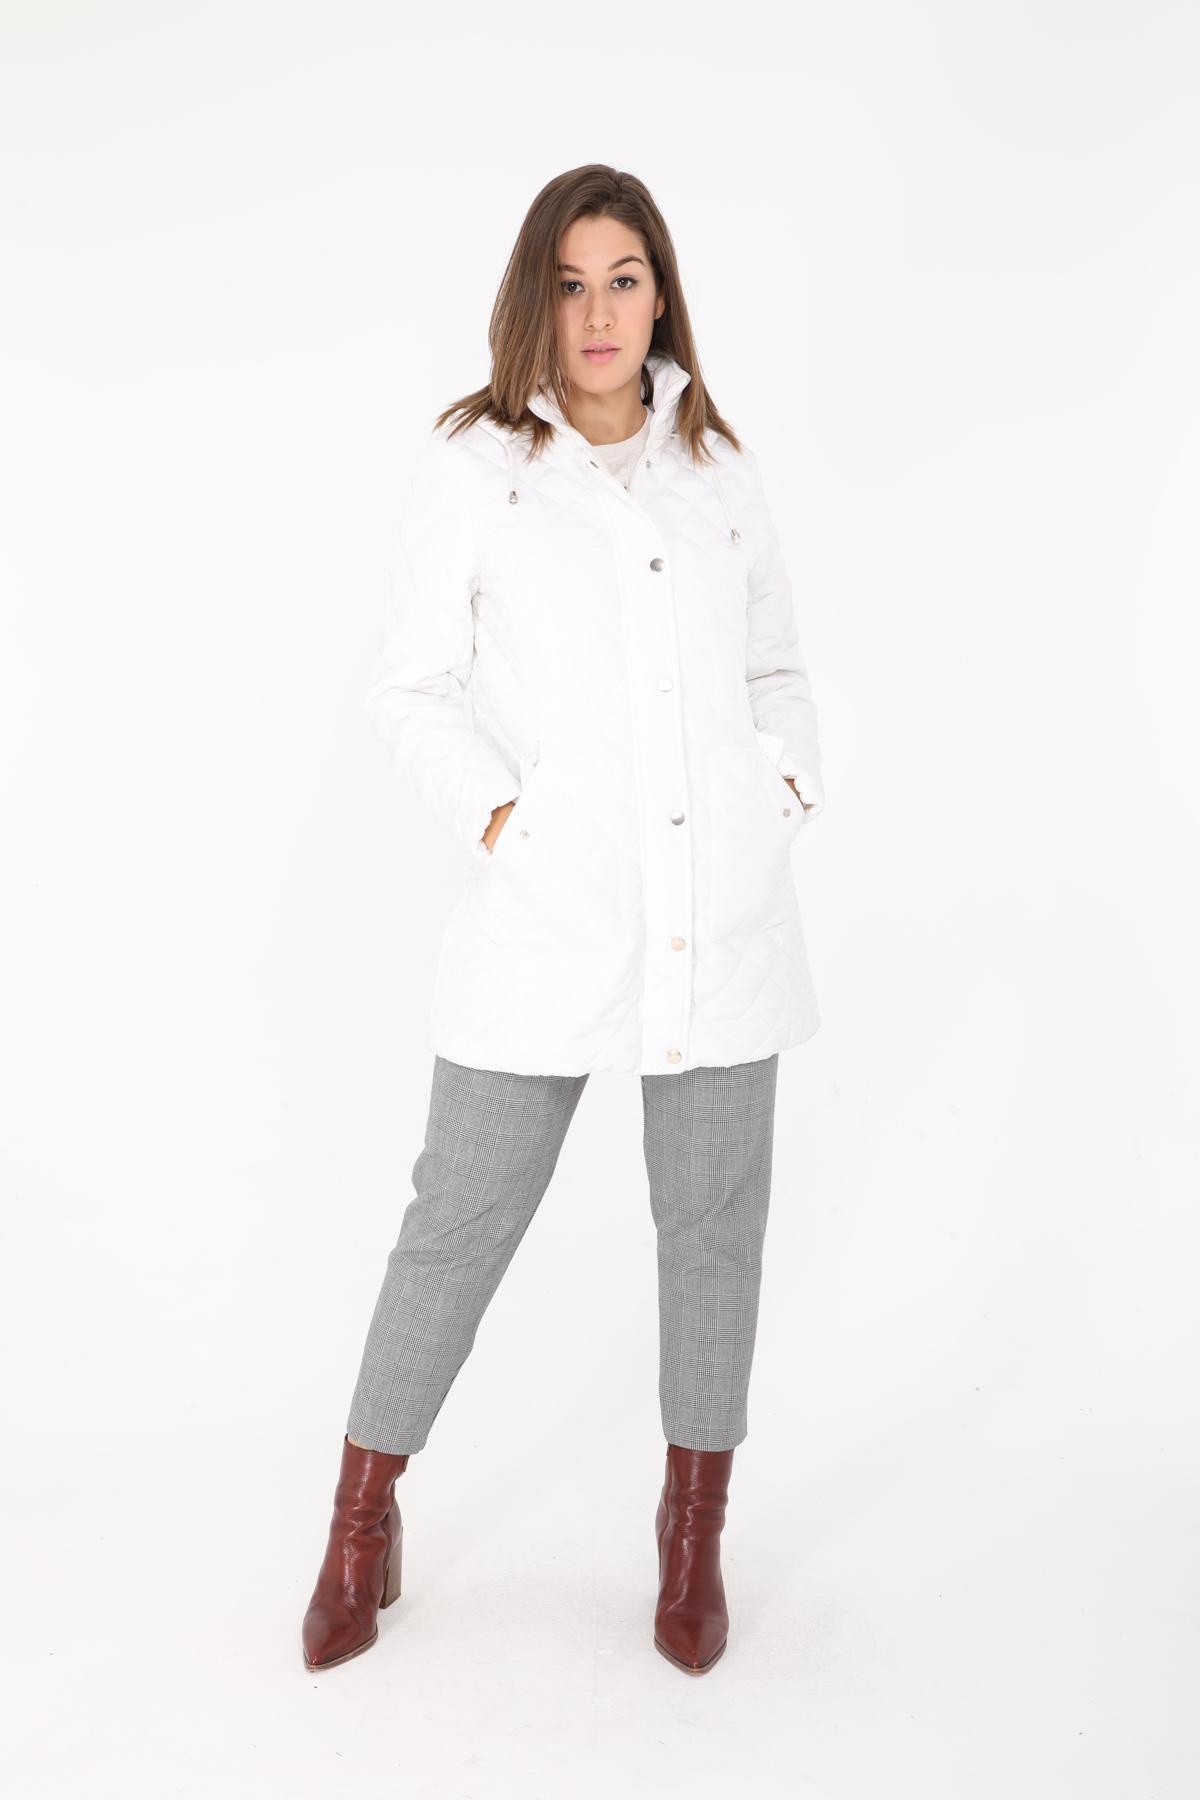 Manteaux Femme Blanc Cissy & Co F78 #c eFashion Paris